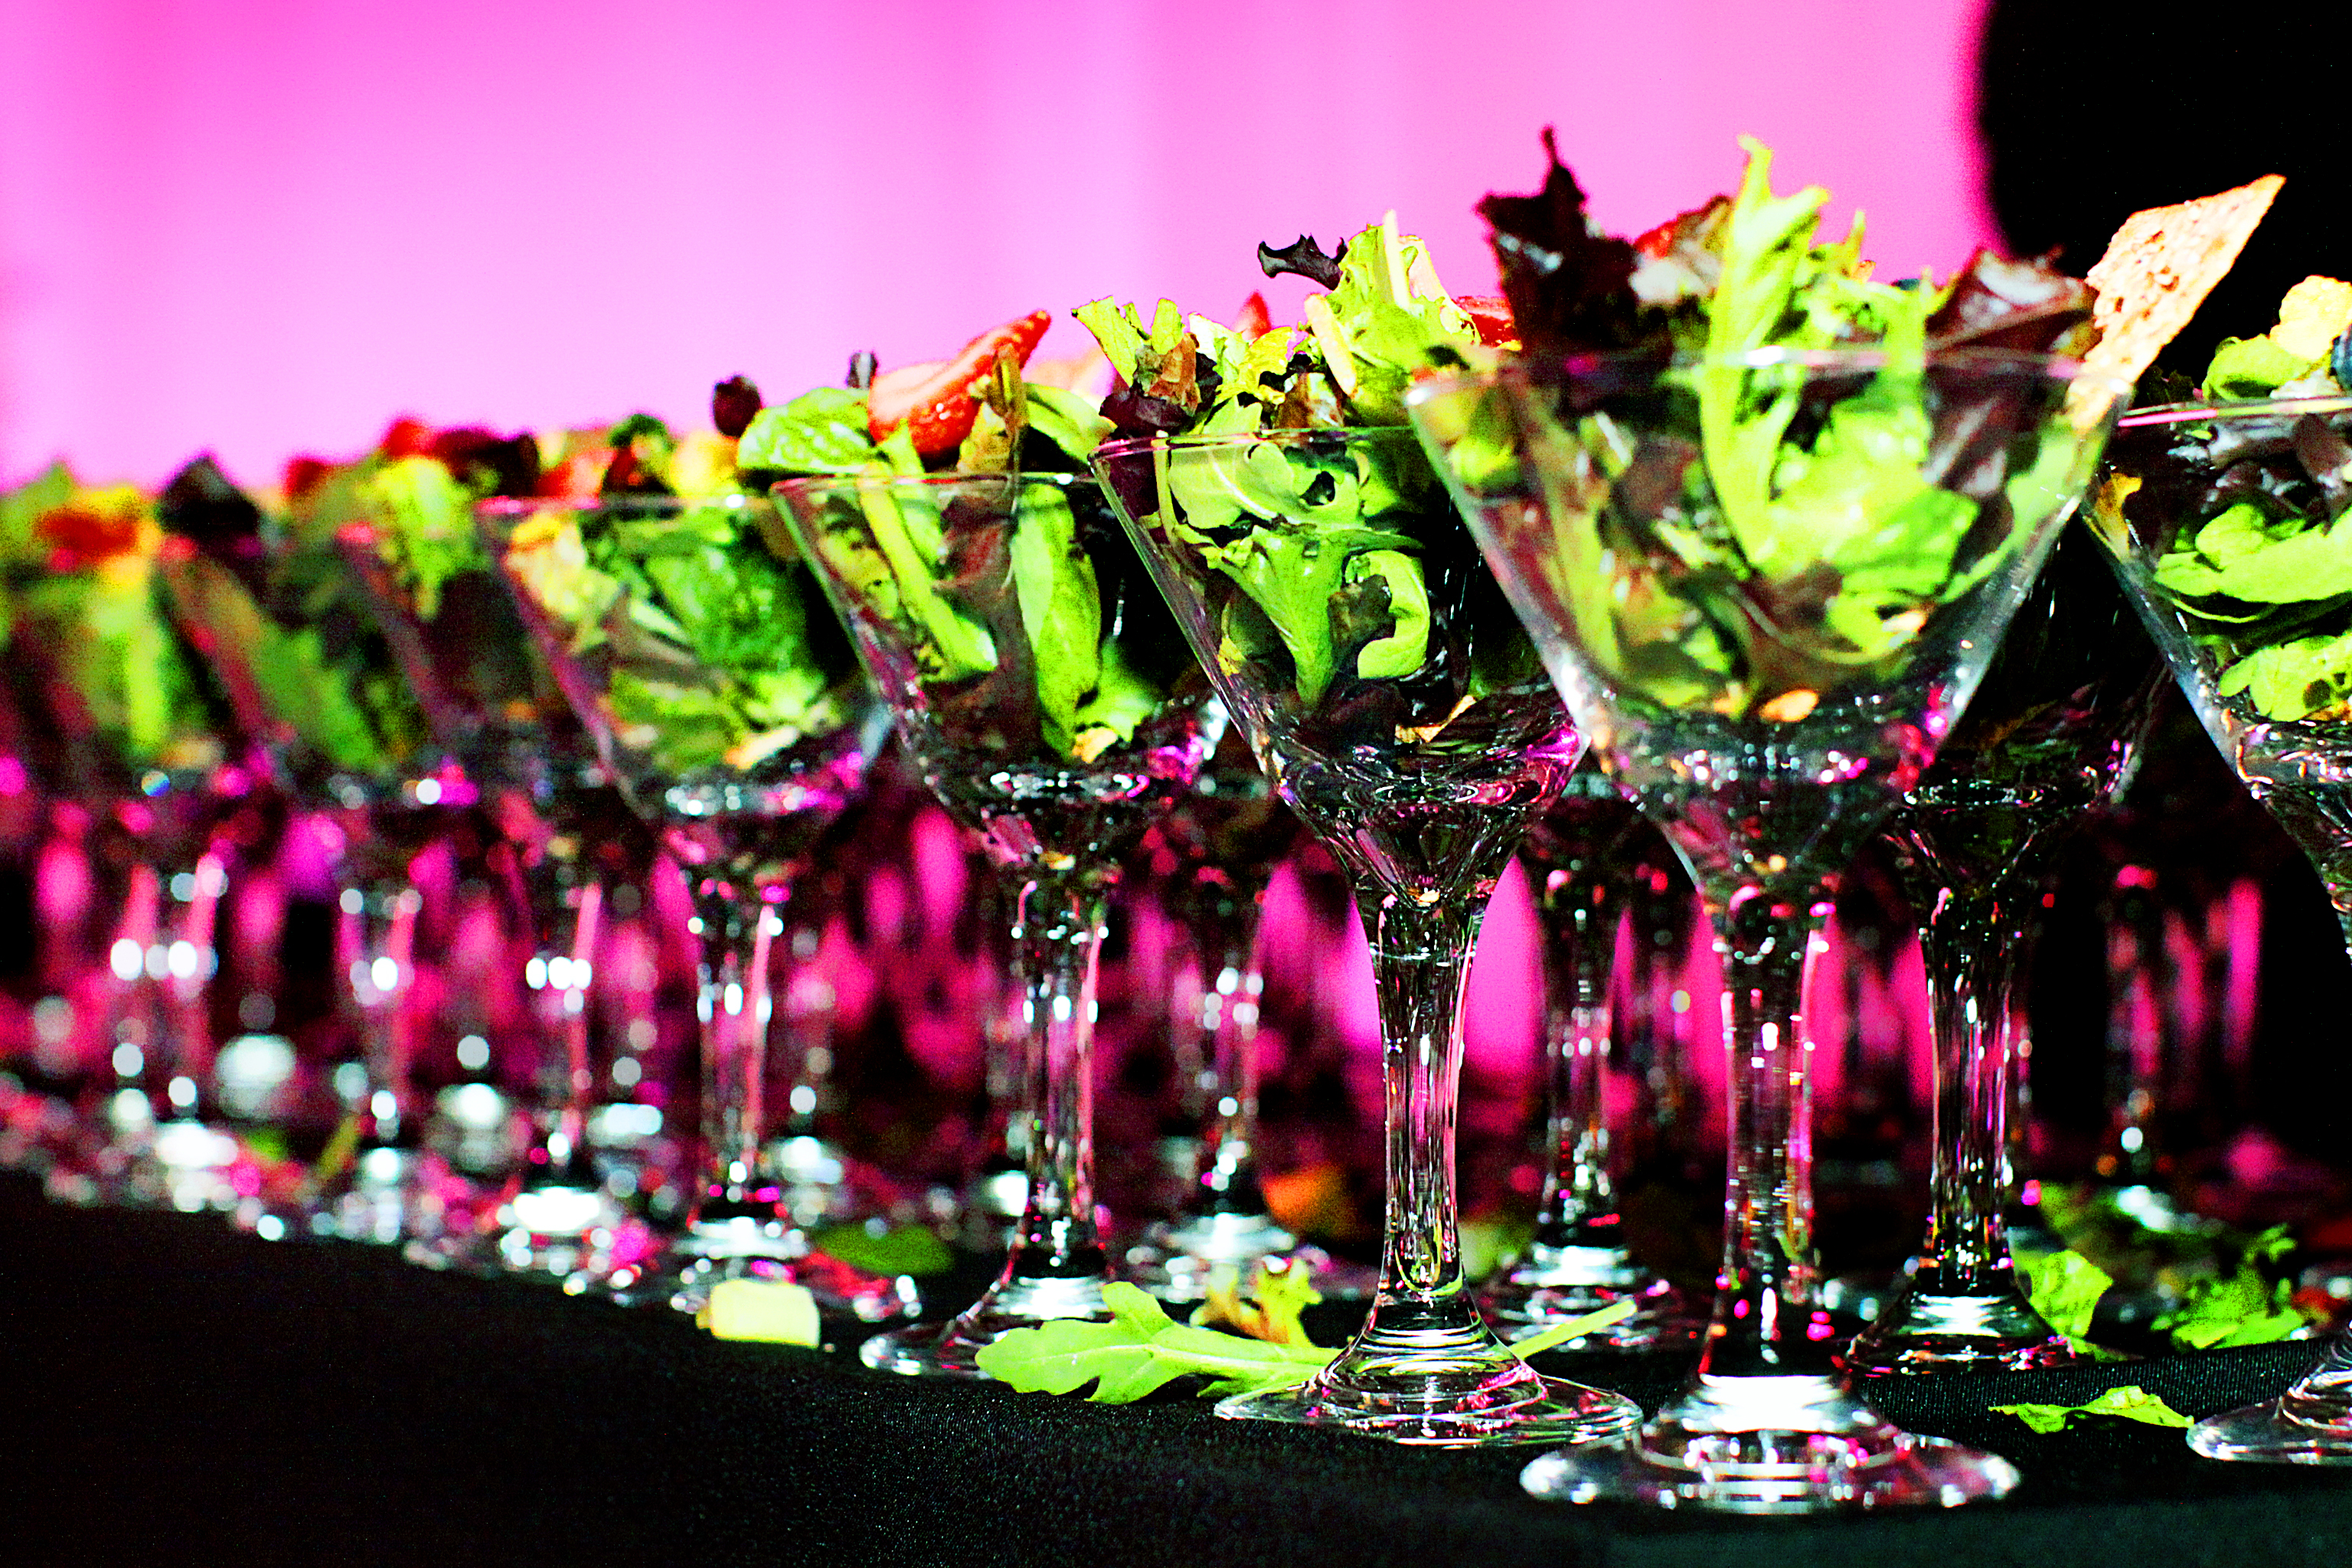 unique salad presentation at wedding